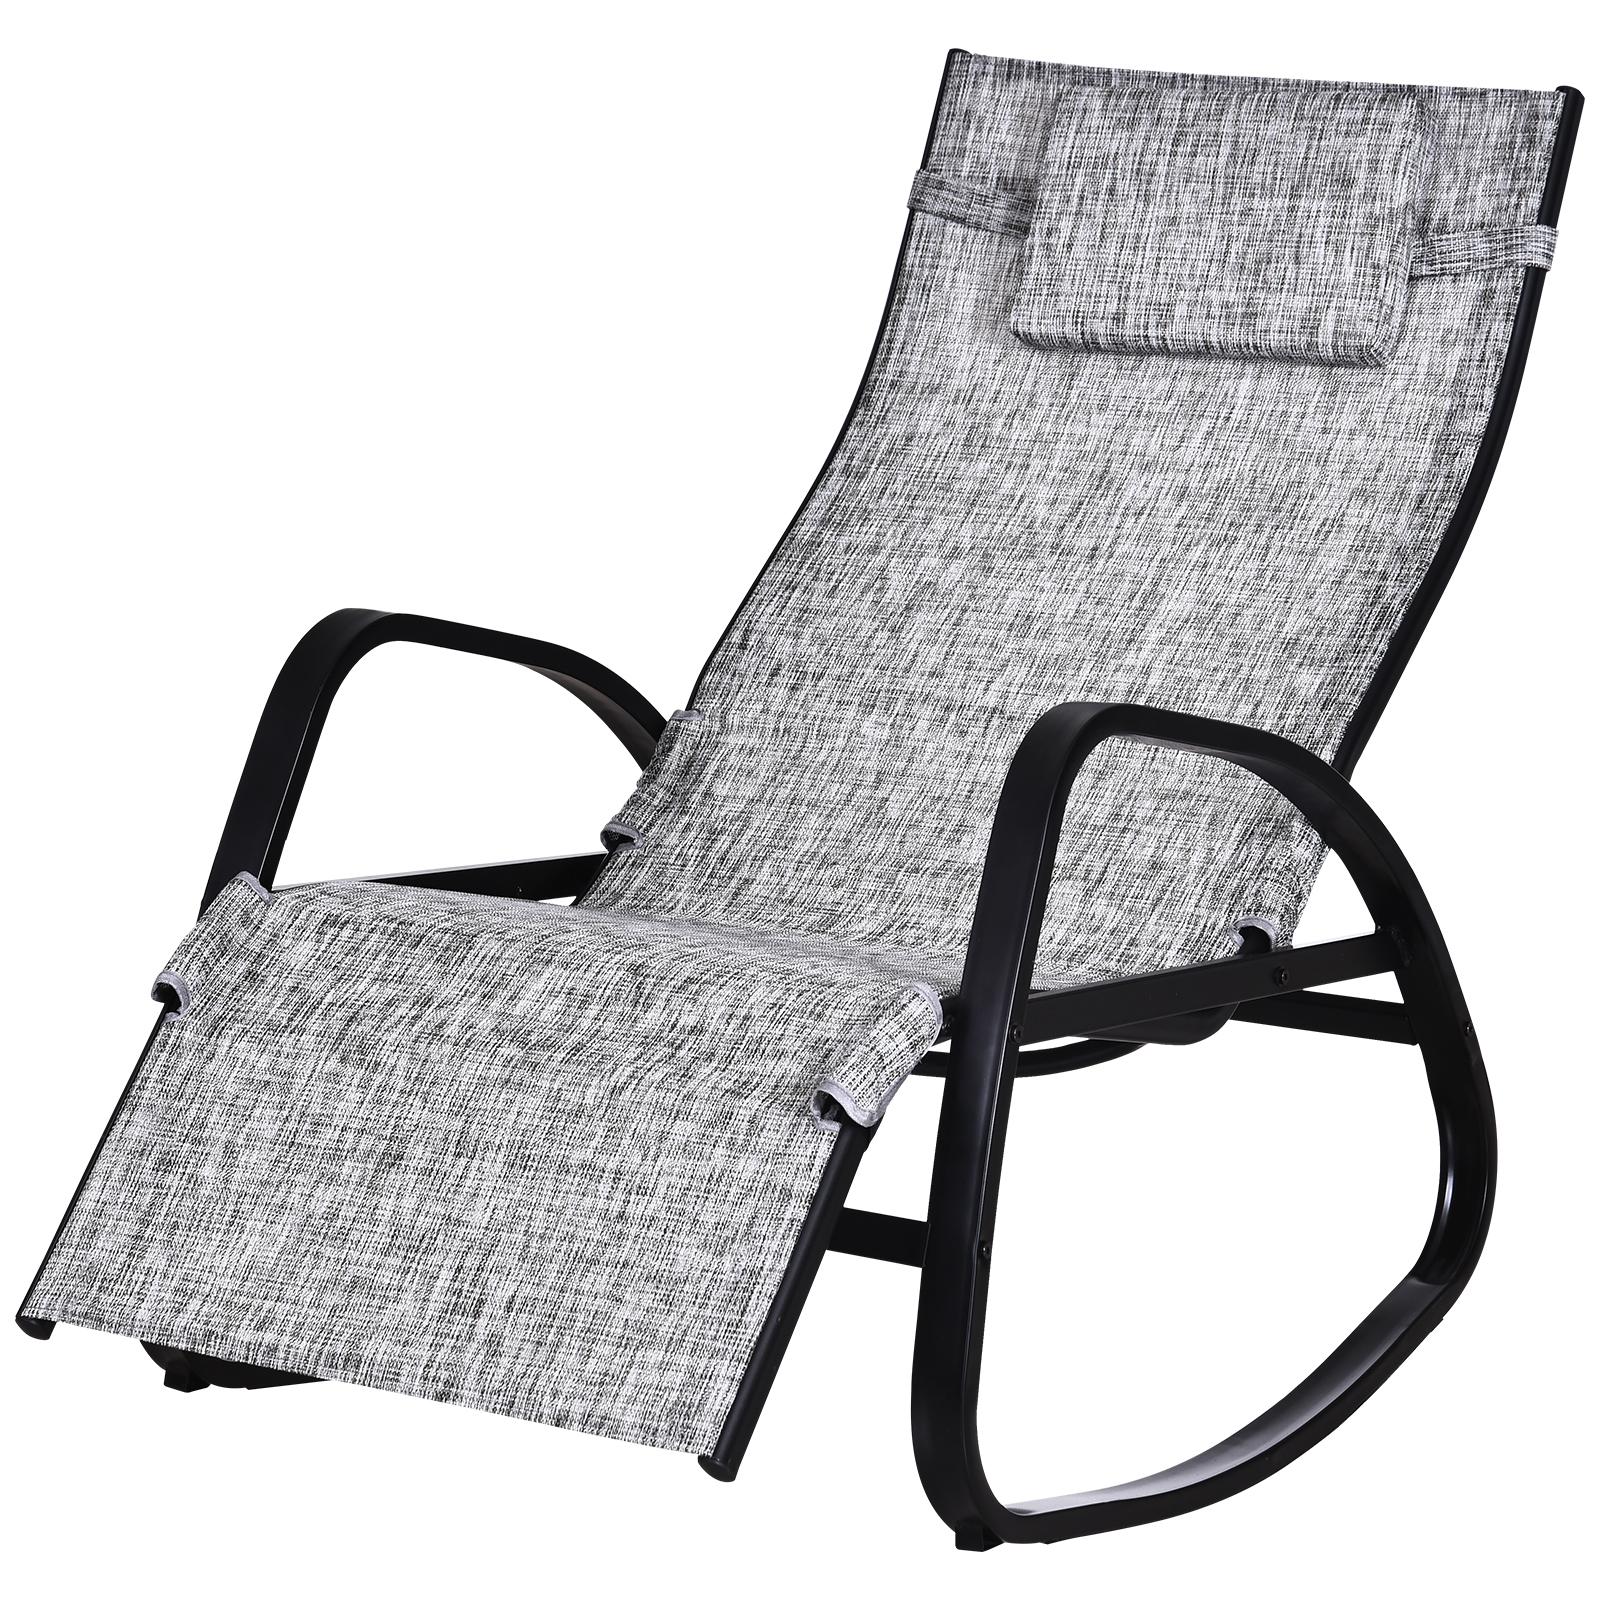 Chaise longue bascule pliable dossier inclinable métal textilène gris (photo)